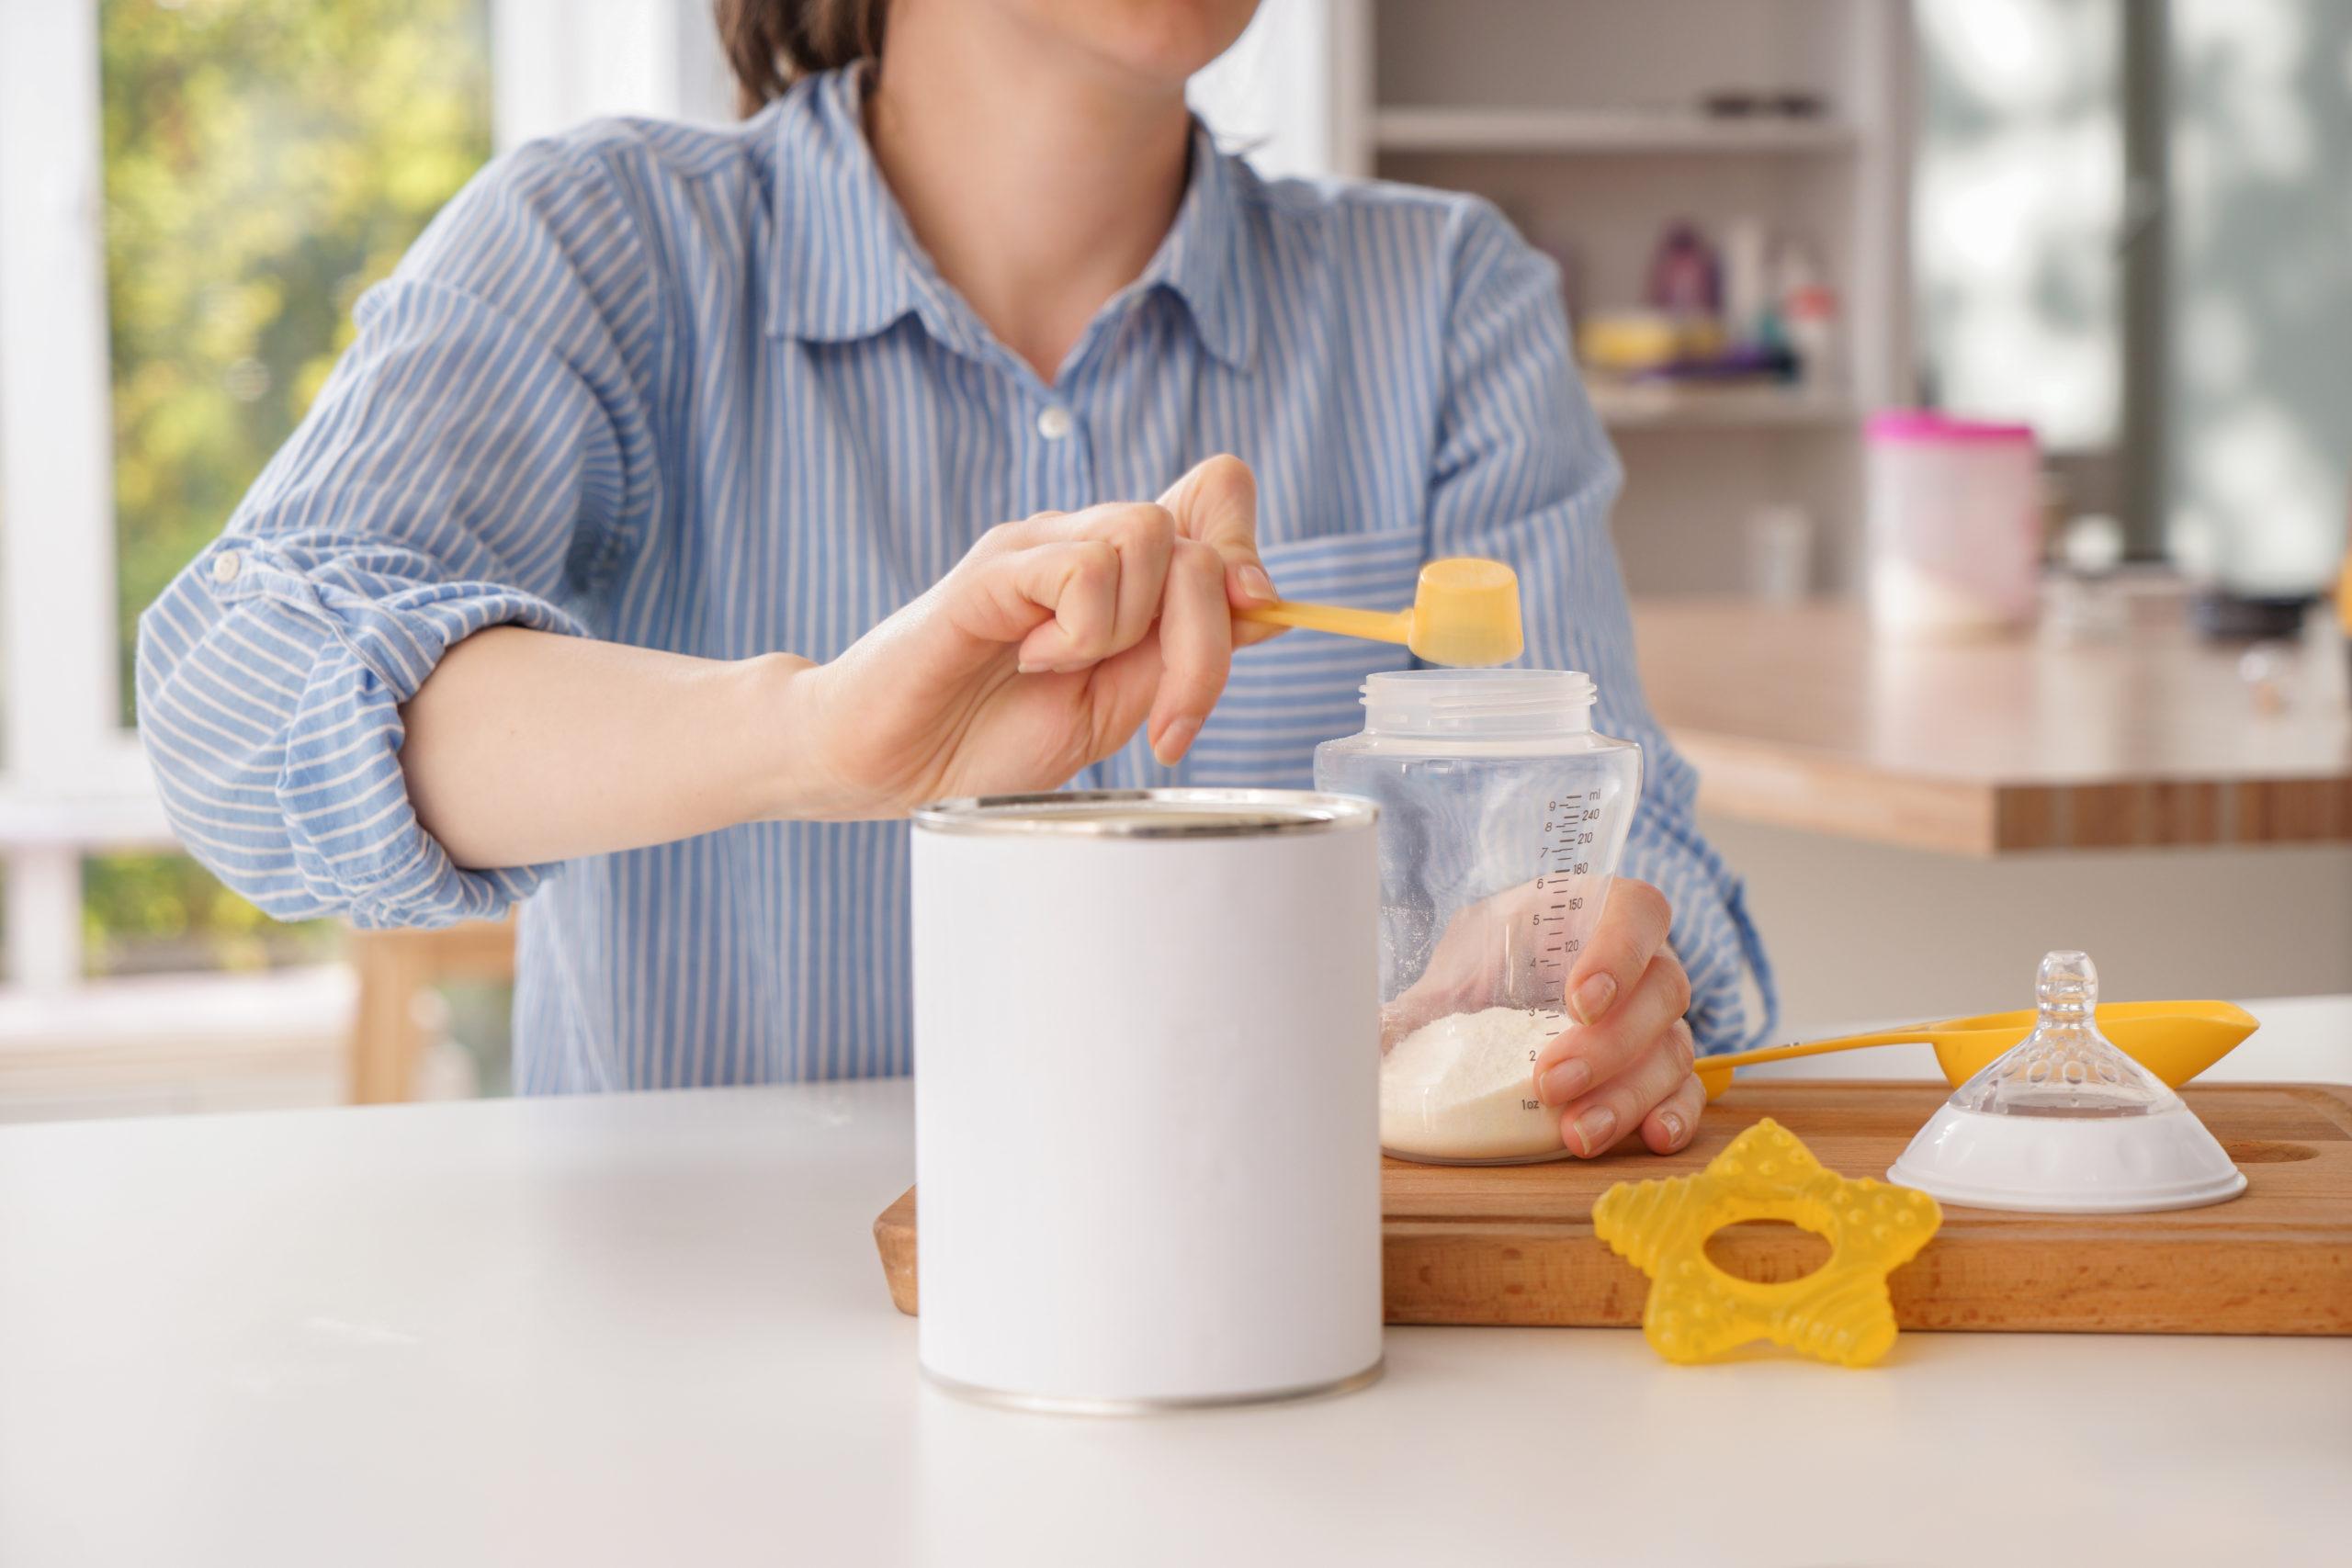 Woman,Preparing,Baby,Formula,At,Table